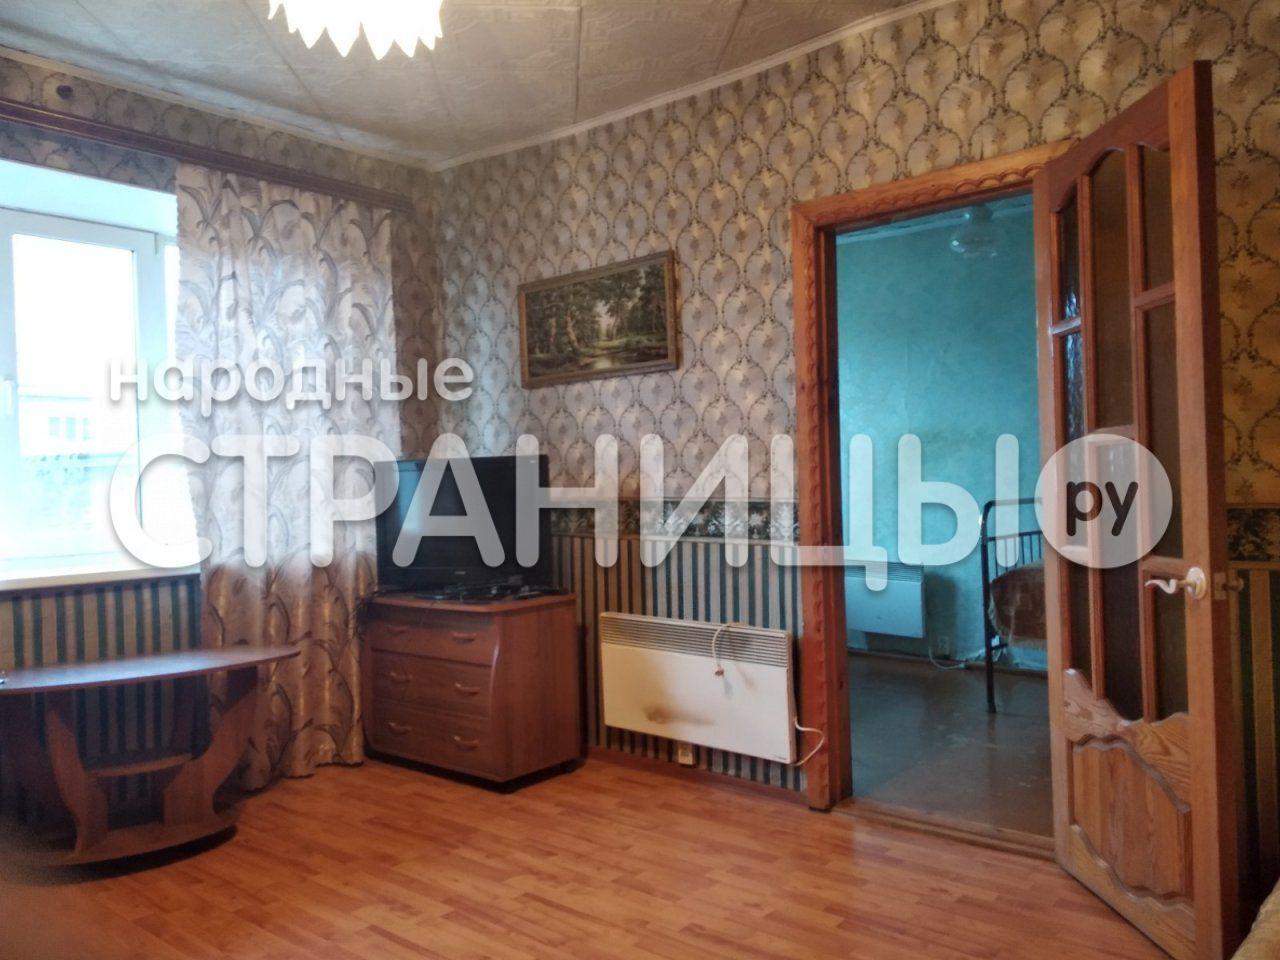 2-комнатная квартира, 44.0 м²,  2/2 эт. Кирпичный дом, Вторичное жилье